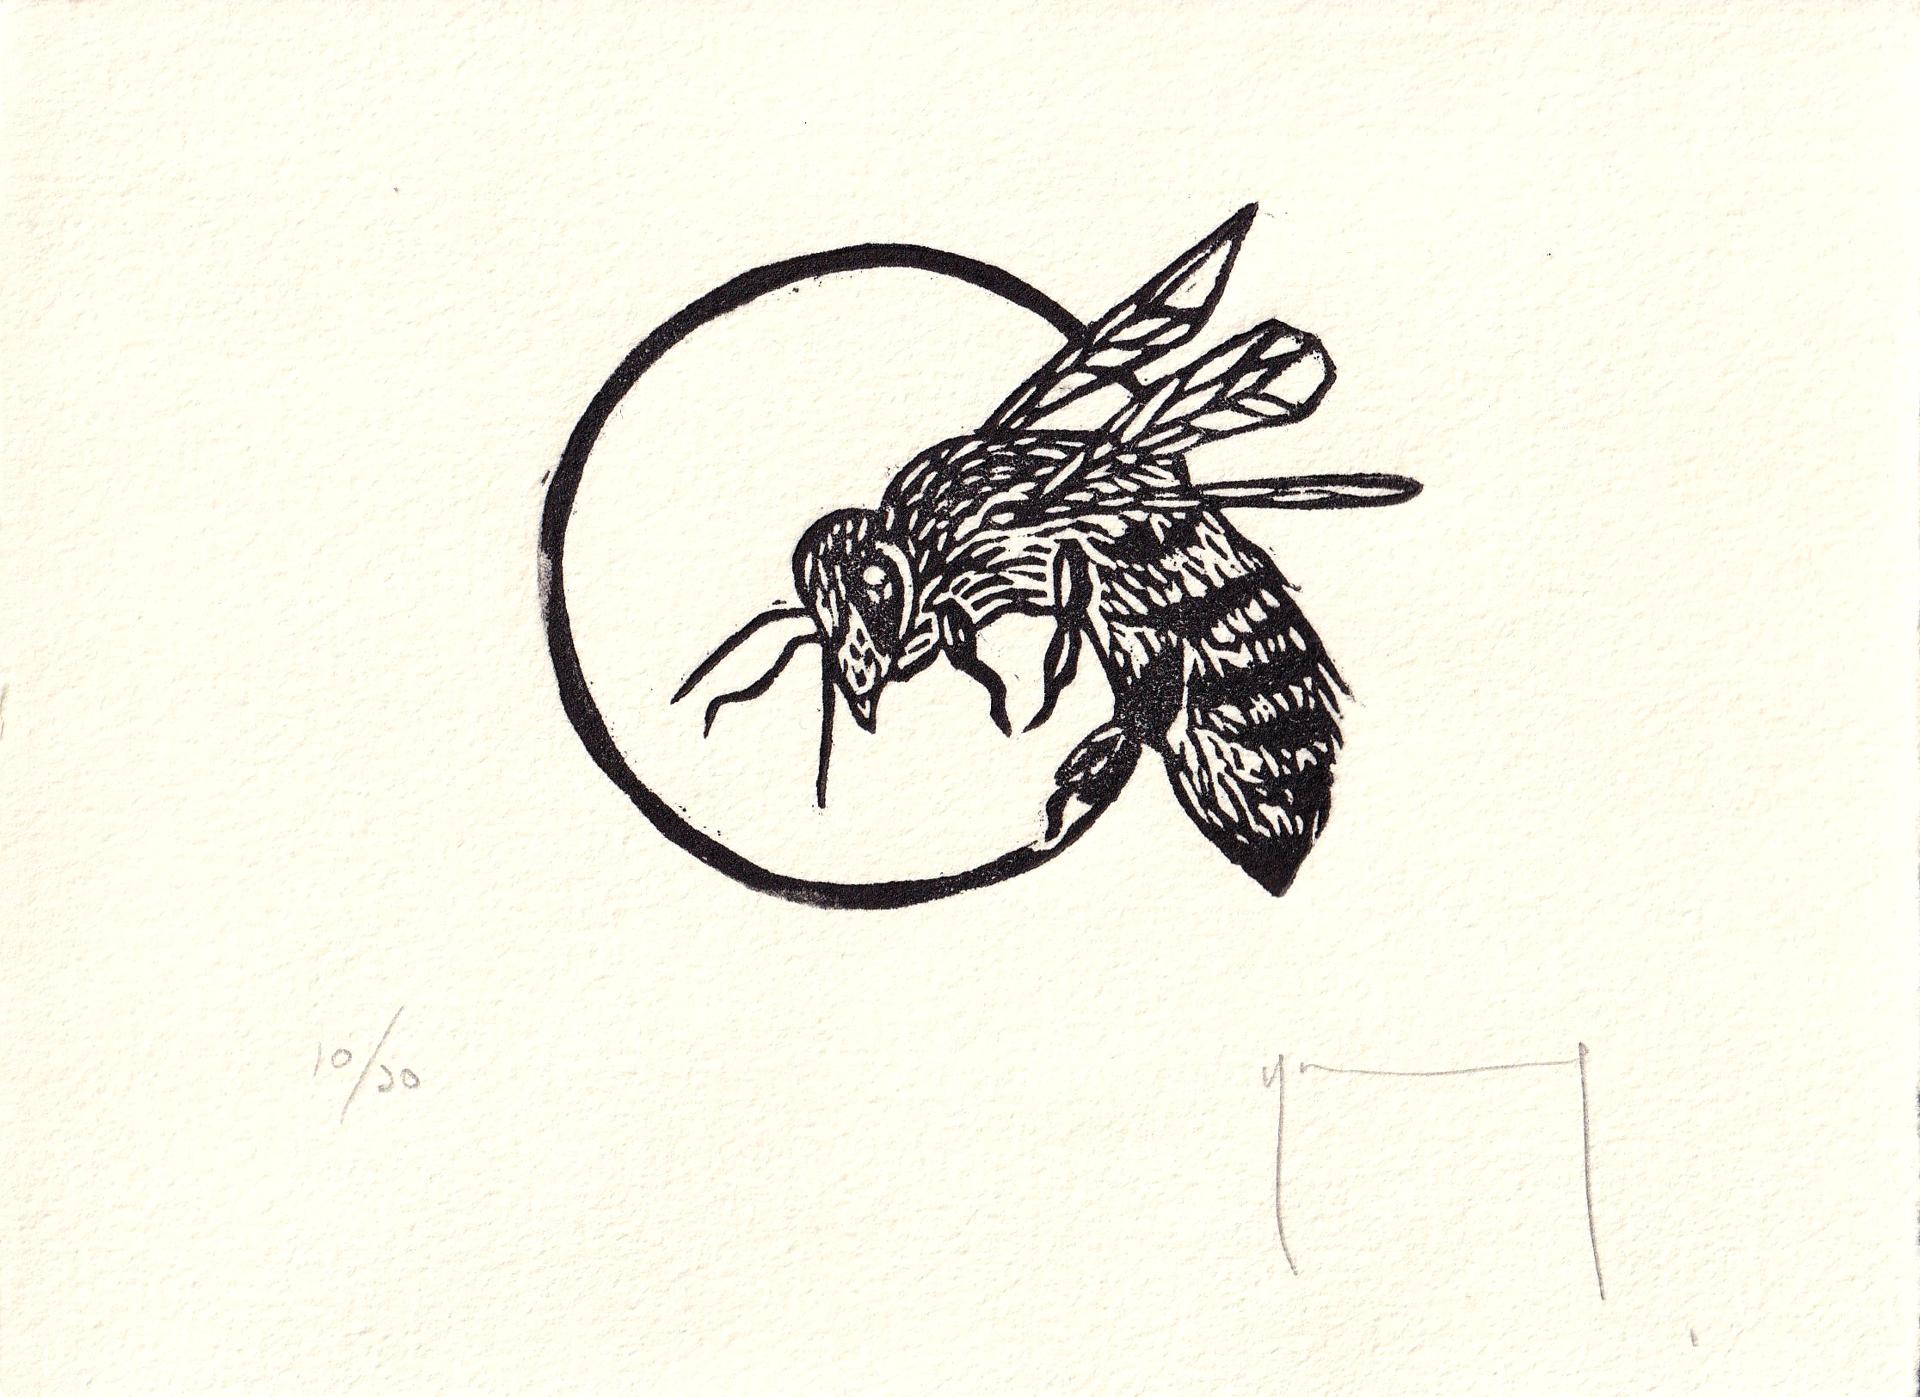 Abeja by Miguel Jimenez Martinez